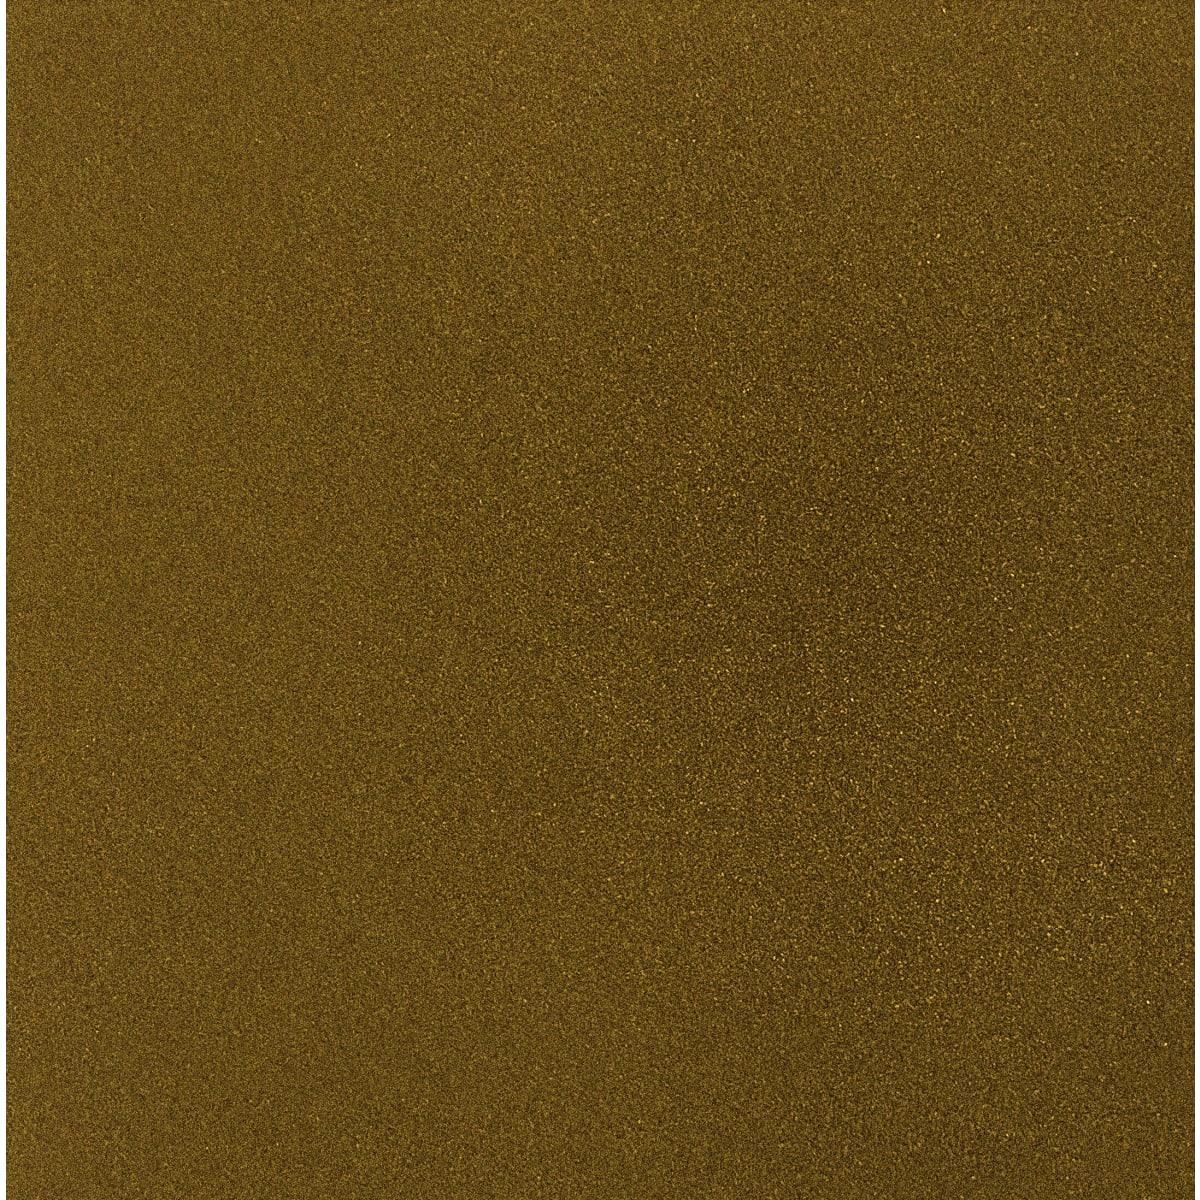 Плитка резиновая 500х500х30 пуансон желтый